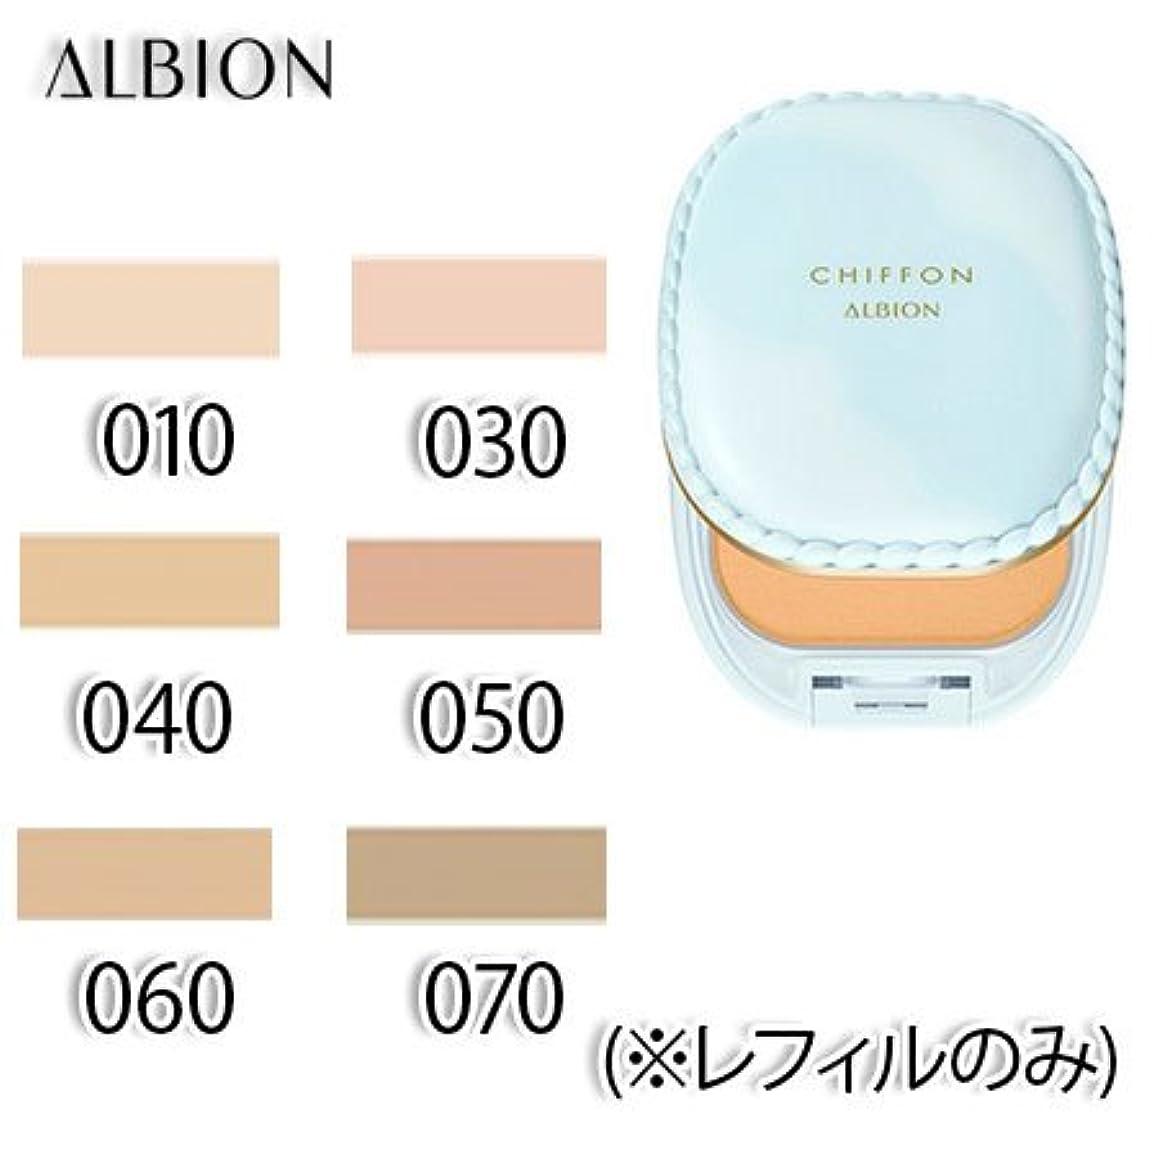 アイデアしかしシリーズアルビオン スノー ホワイト シフォン 全6色 SPF25?PA++ 10g (レフィルのみ) -ALBION- 030